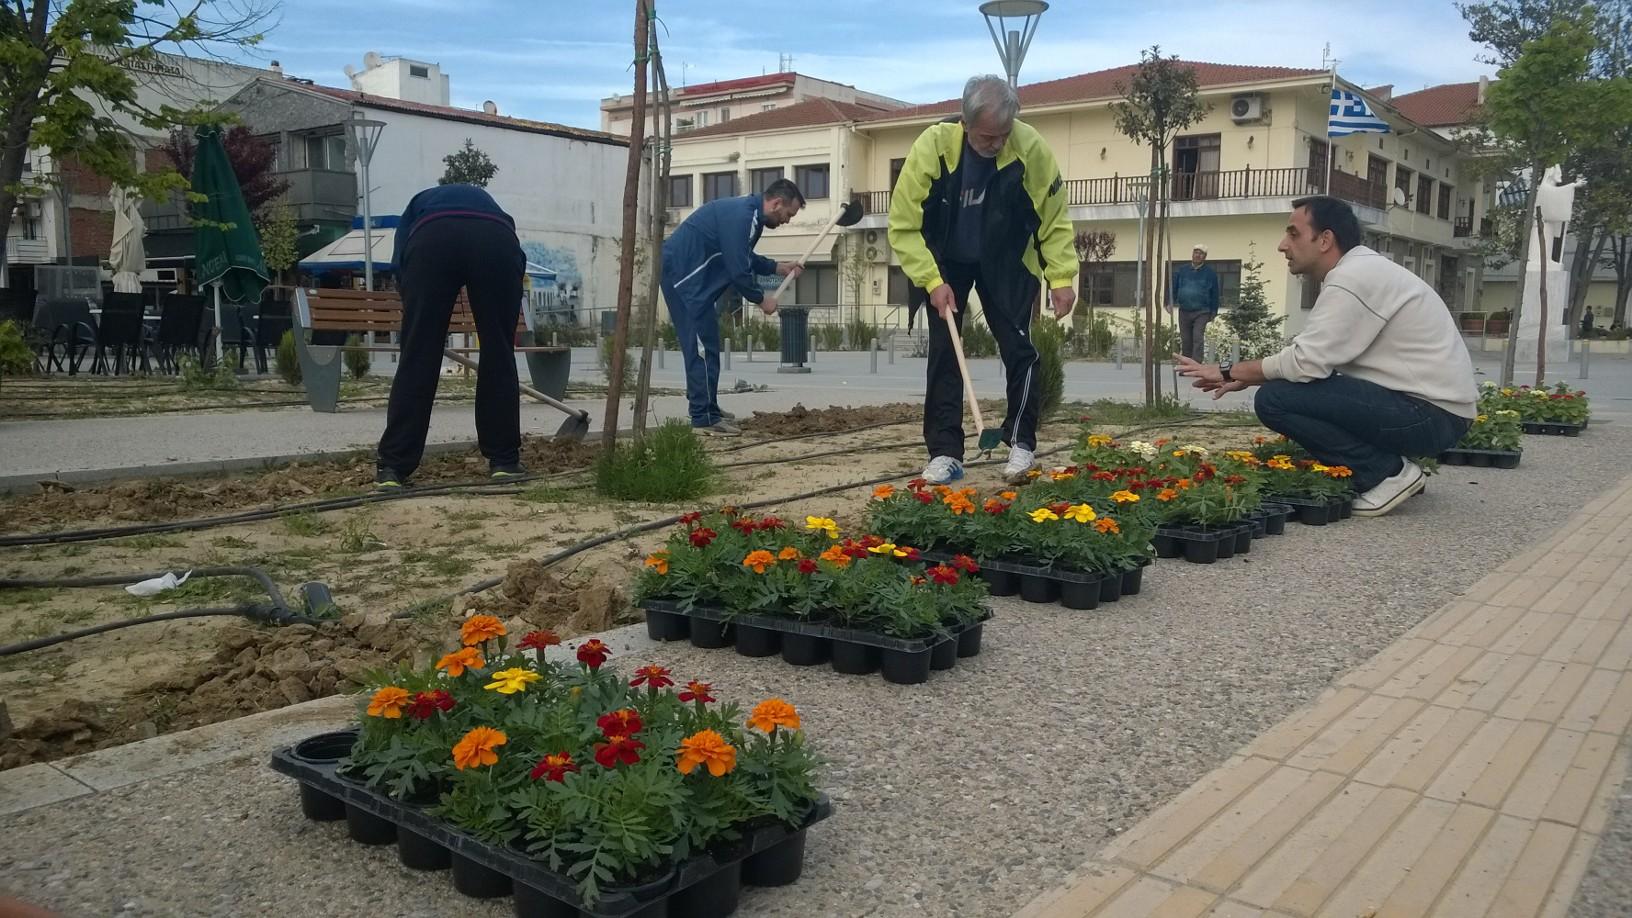 Φύτεψαν λουλούδια οι εθελοντές στην κεντρική πλατεία Ορεστιάδας